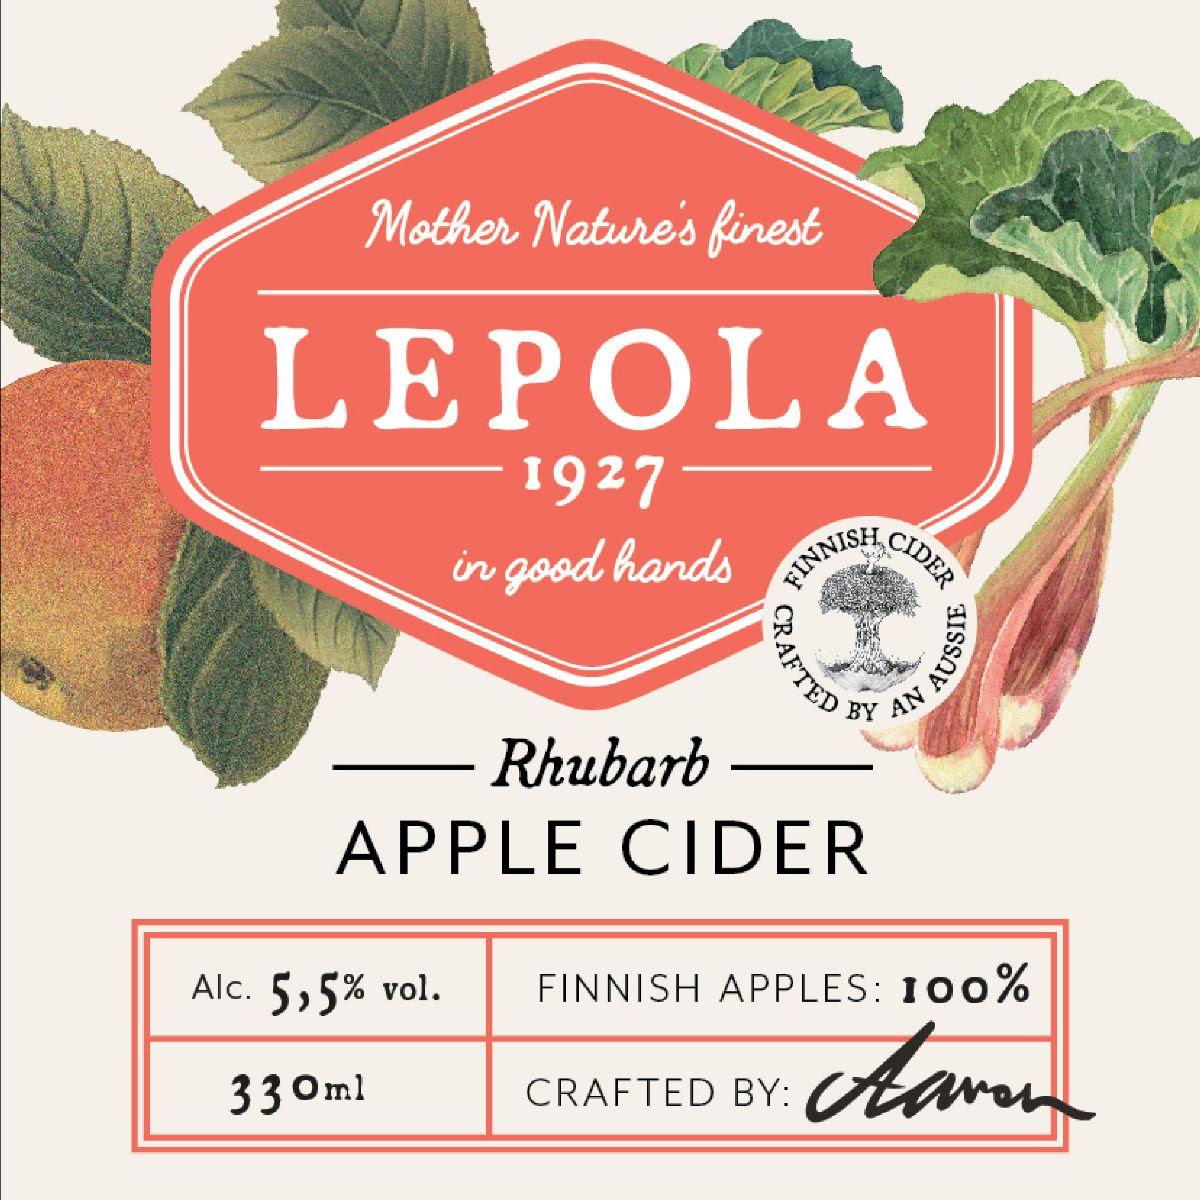 Lepola Rhubarb Apple Cider 5,5% - 0,33l bottle